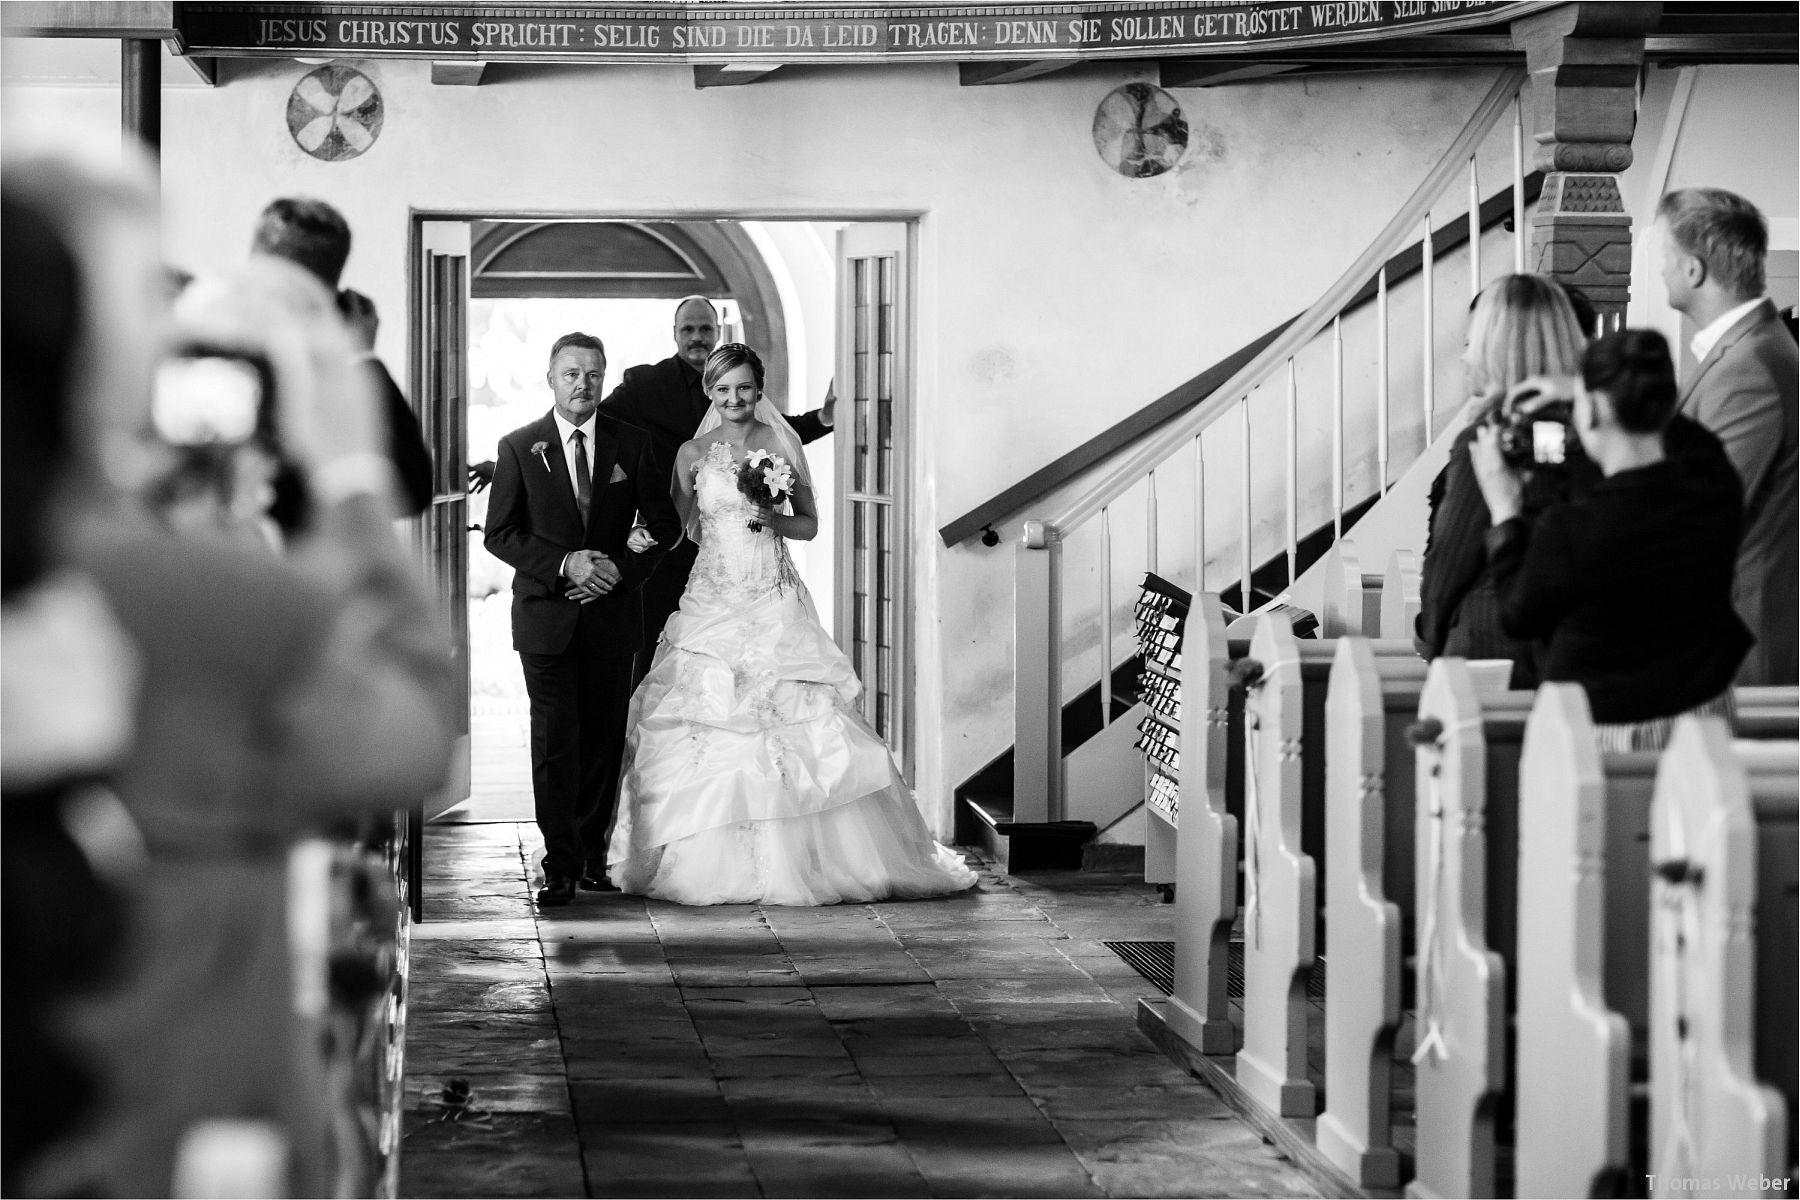 Hochzeitsfotograf Papenburg: Standesamtliche Trauung auf der Burg Kniphausen und Feier im Le Patron am Meer (29)